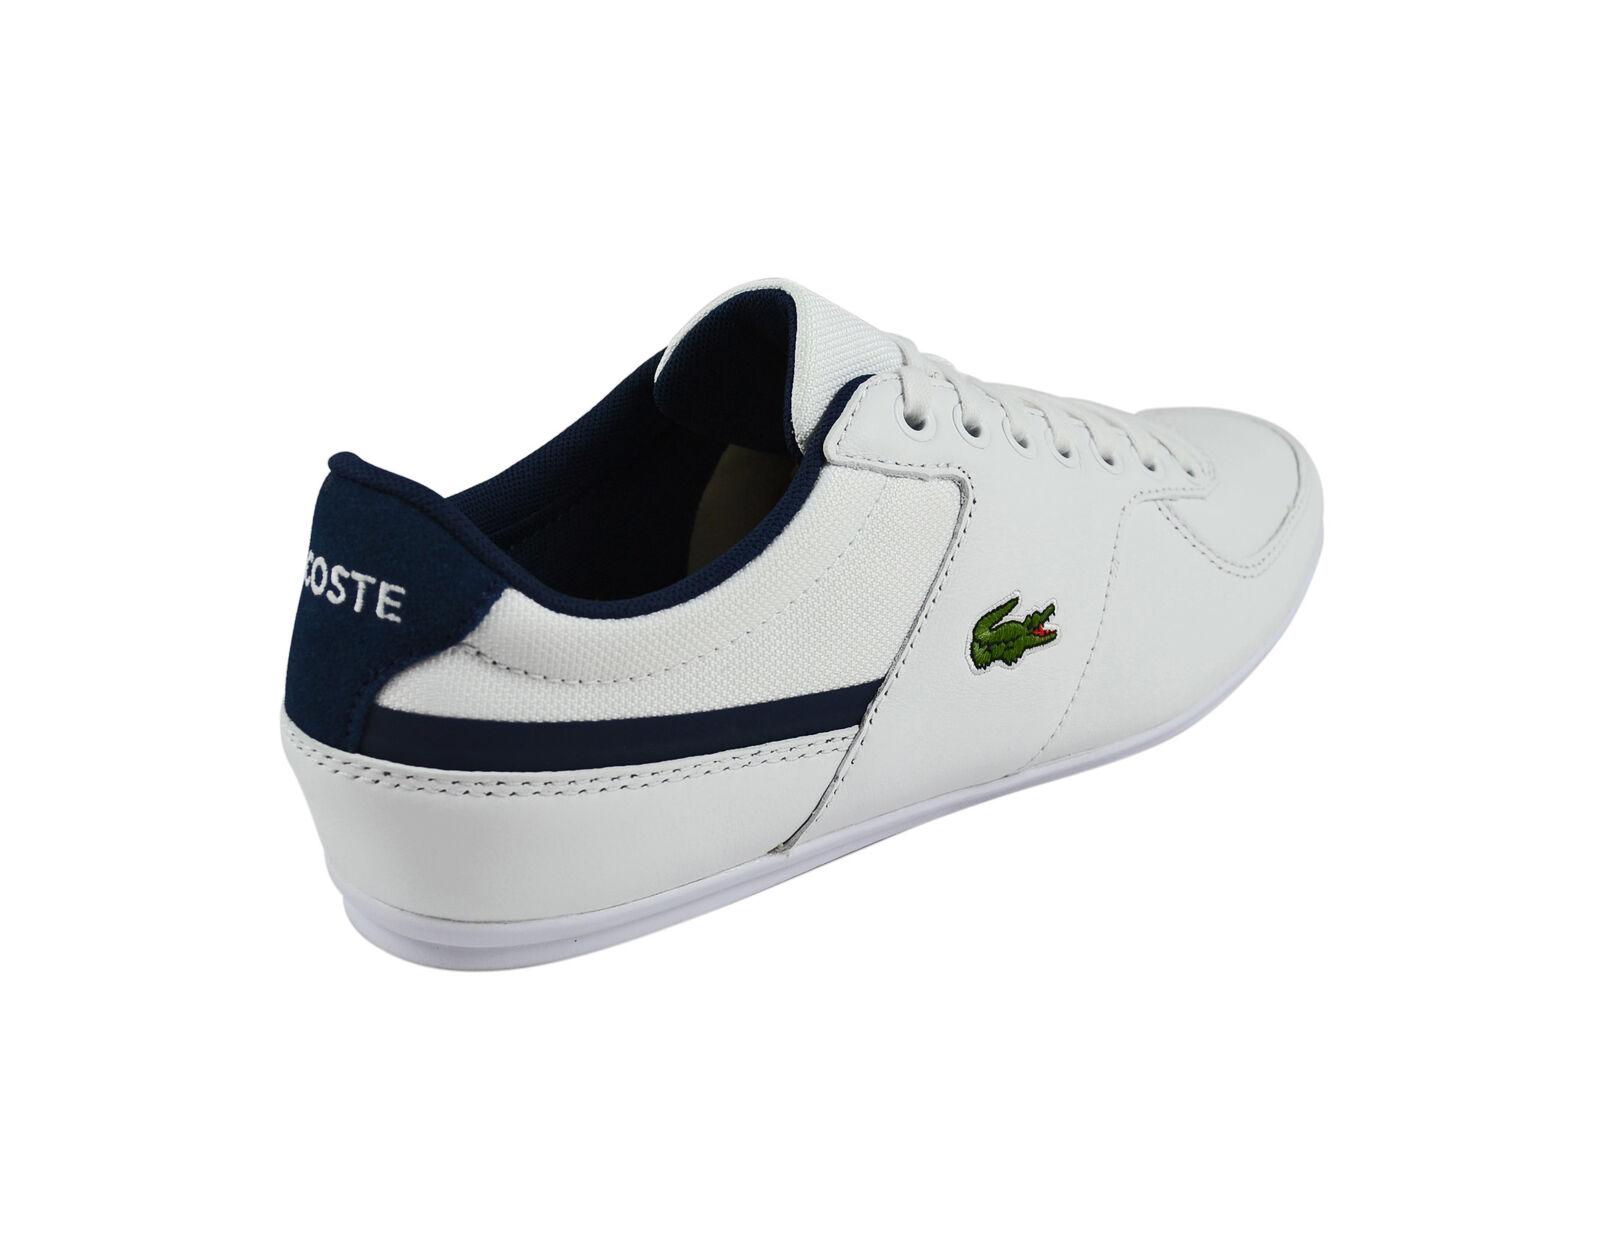 LACOSTE Taloire Sport 116 1 Scarpe SPM White Scarpe/Sneaker Bianco Scarpe 1 classiche da uomo c45230